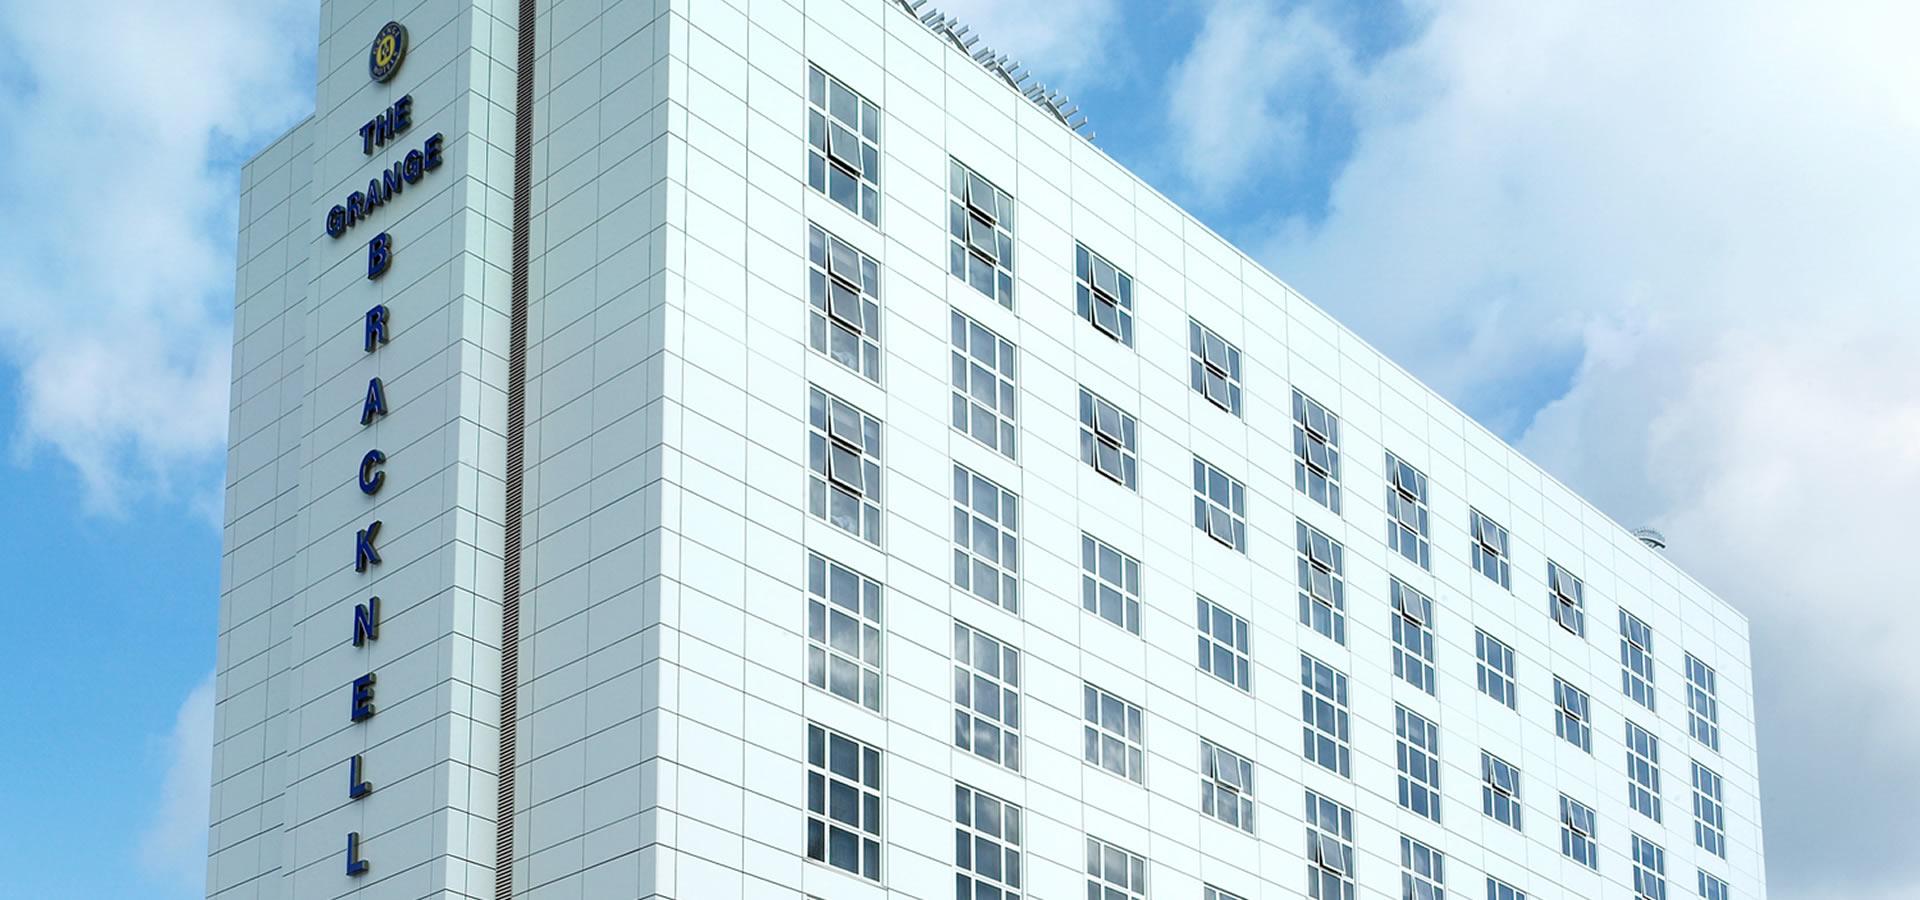 1-grange-bracknell-hotel-1920x900.jpg